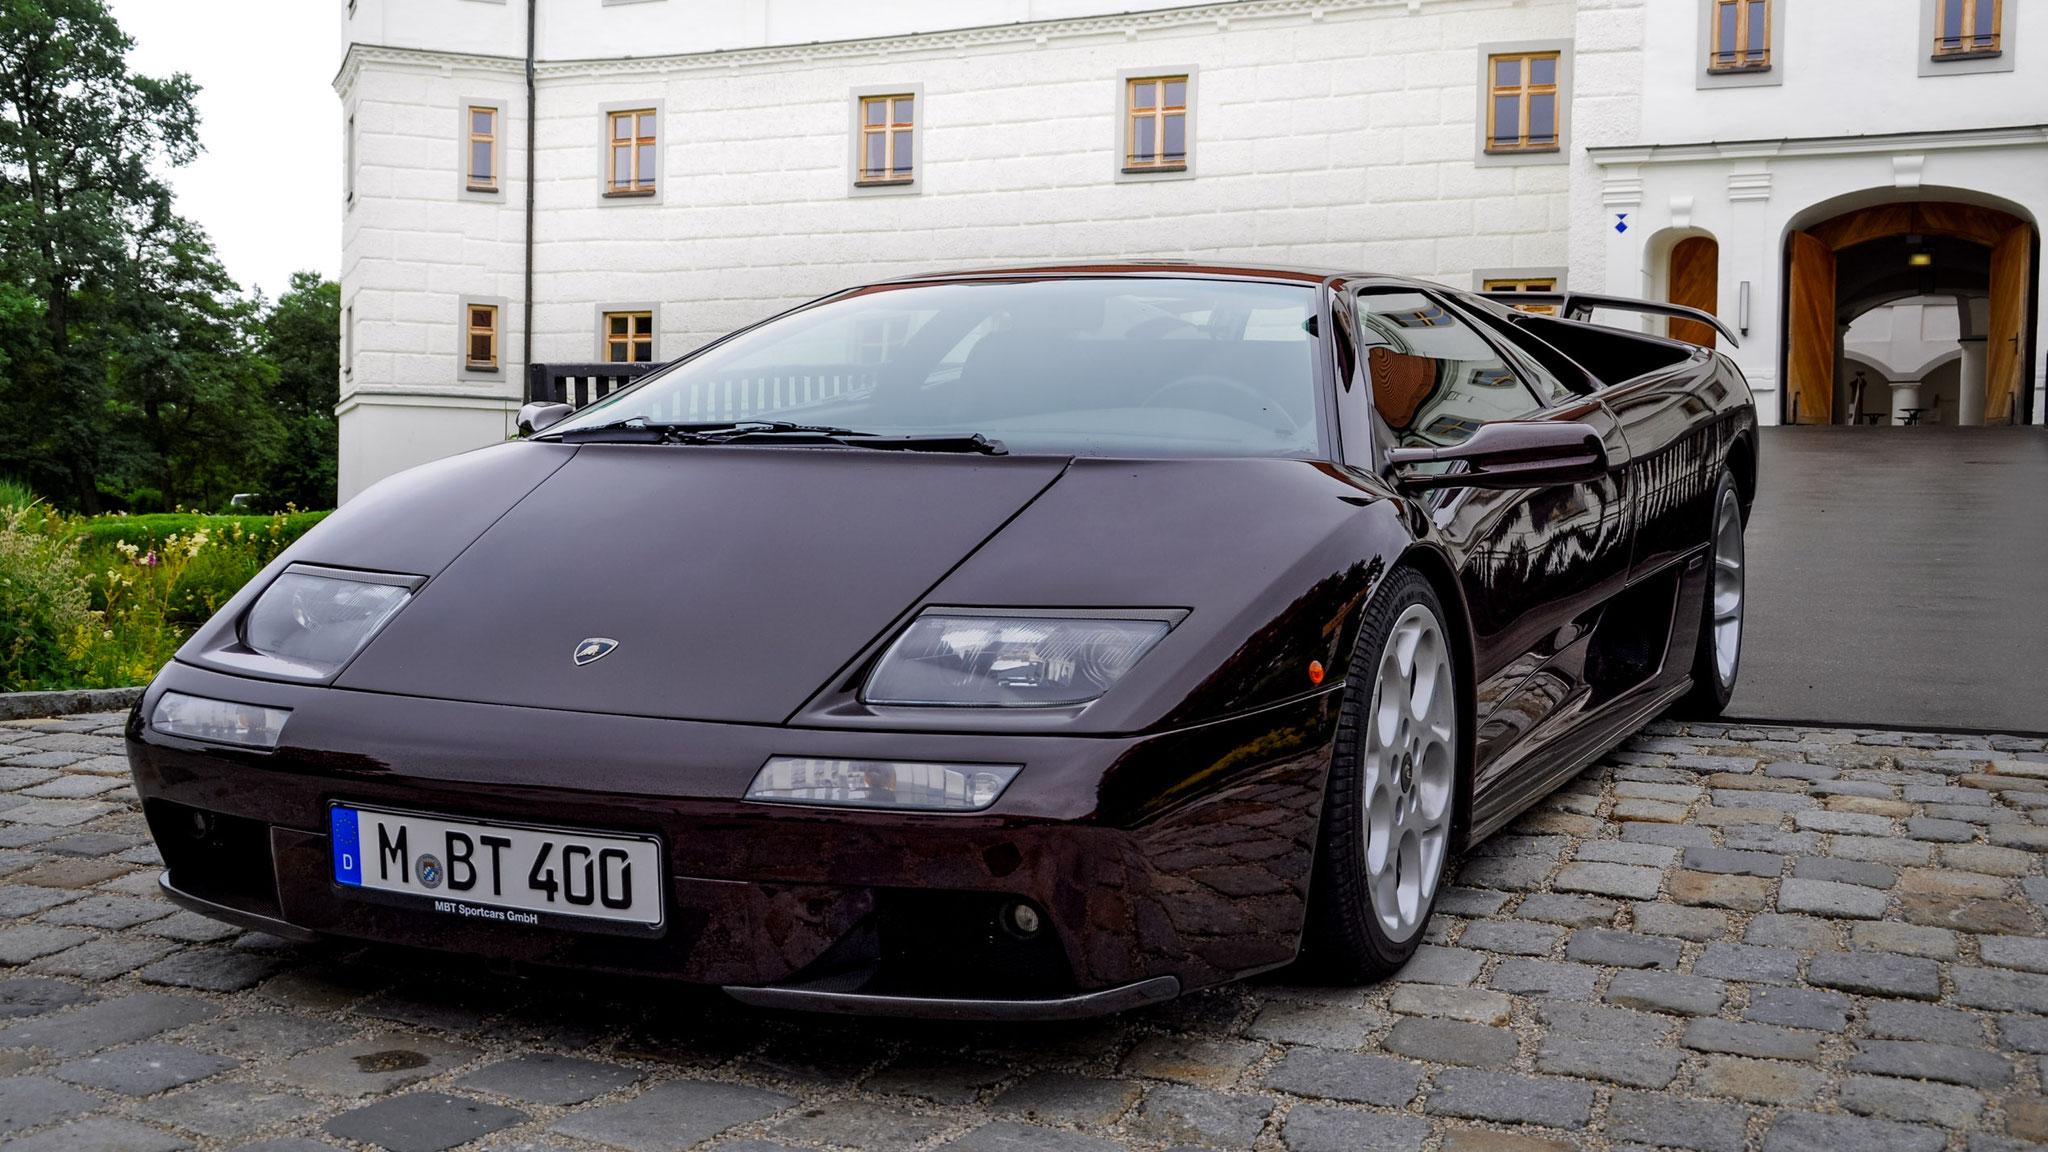 Lamborghini Diablo VT 6.0 SE - M-BT-400